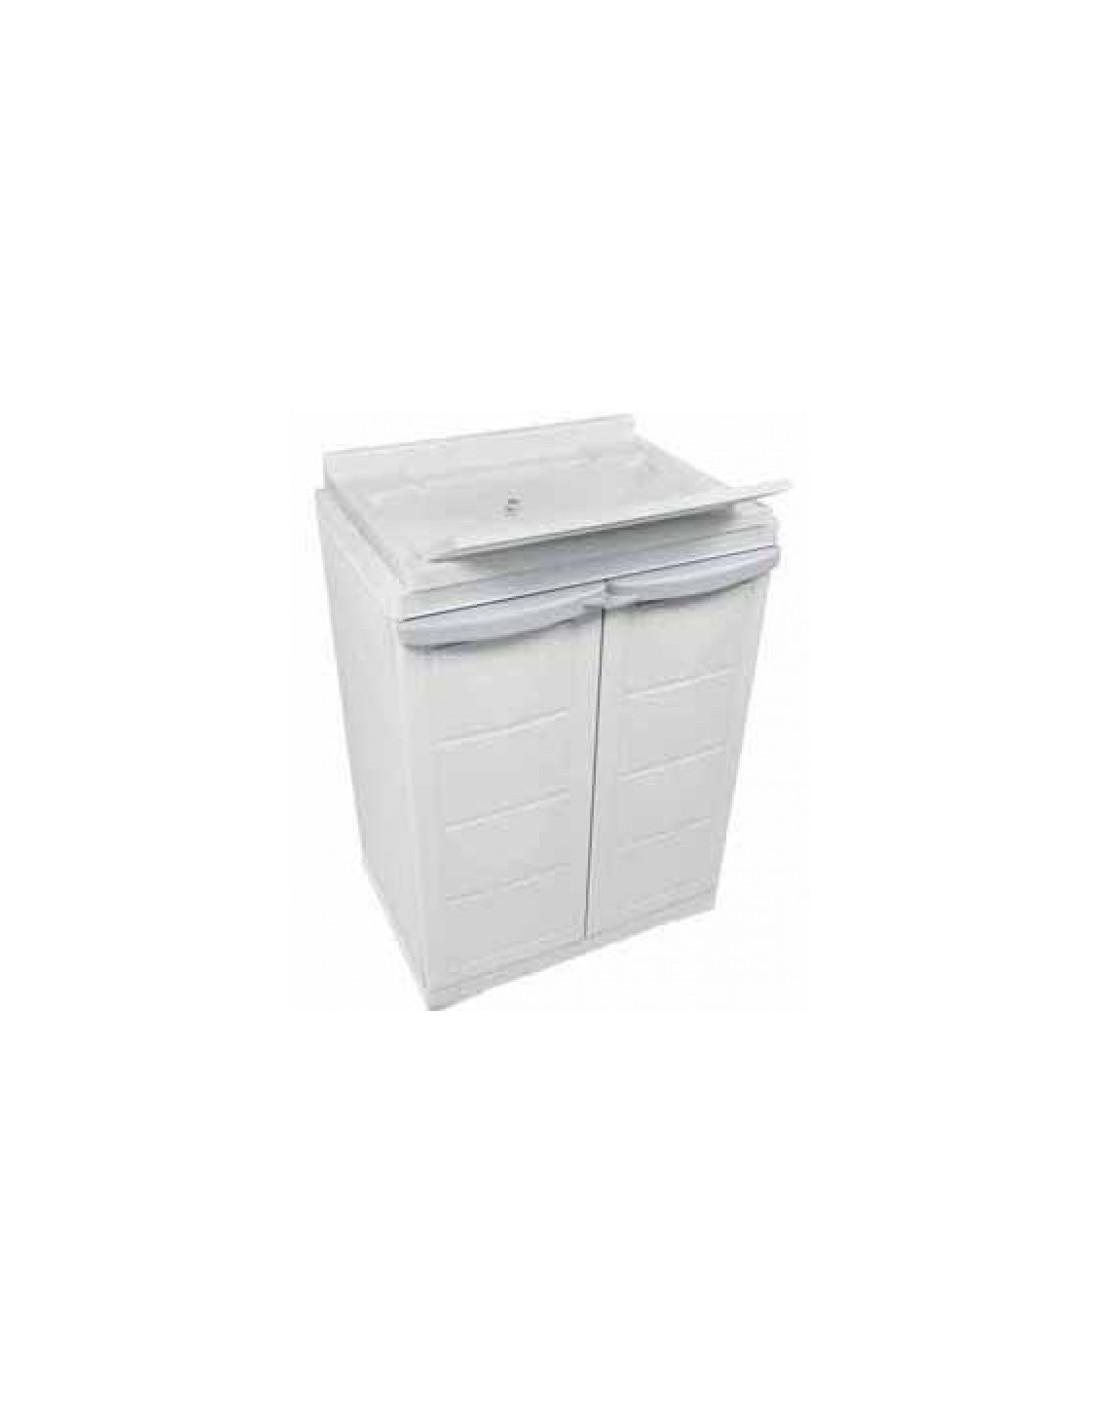 Mueble armario de resina con fregadero incorporado tienda de camping online - Mueble para lavadora exterior ...